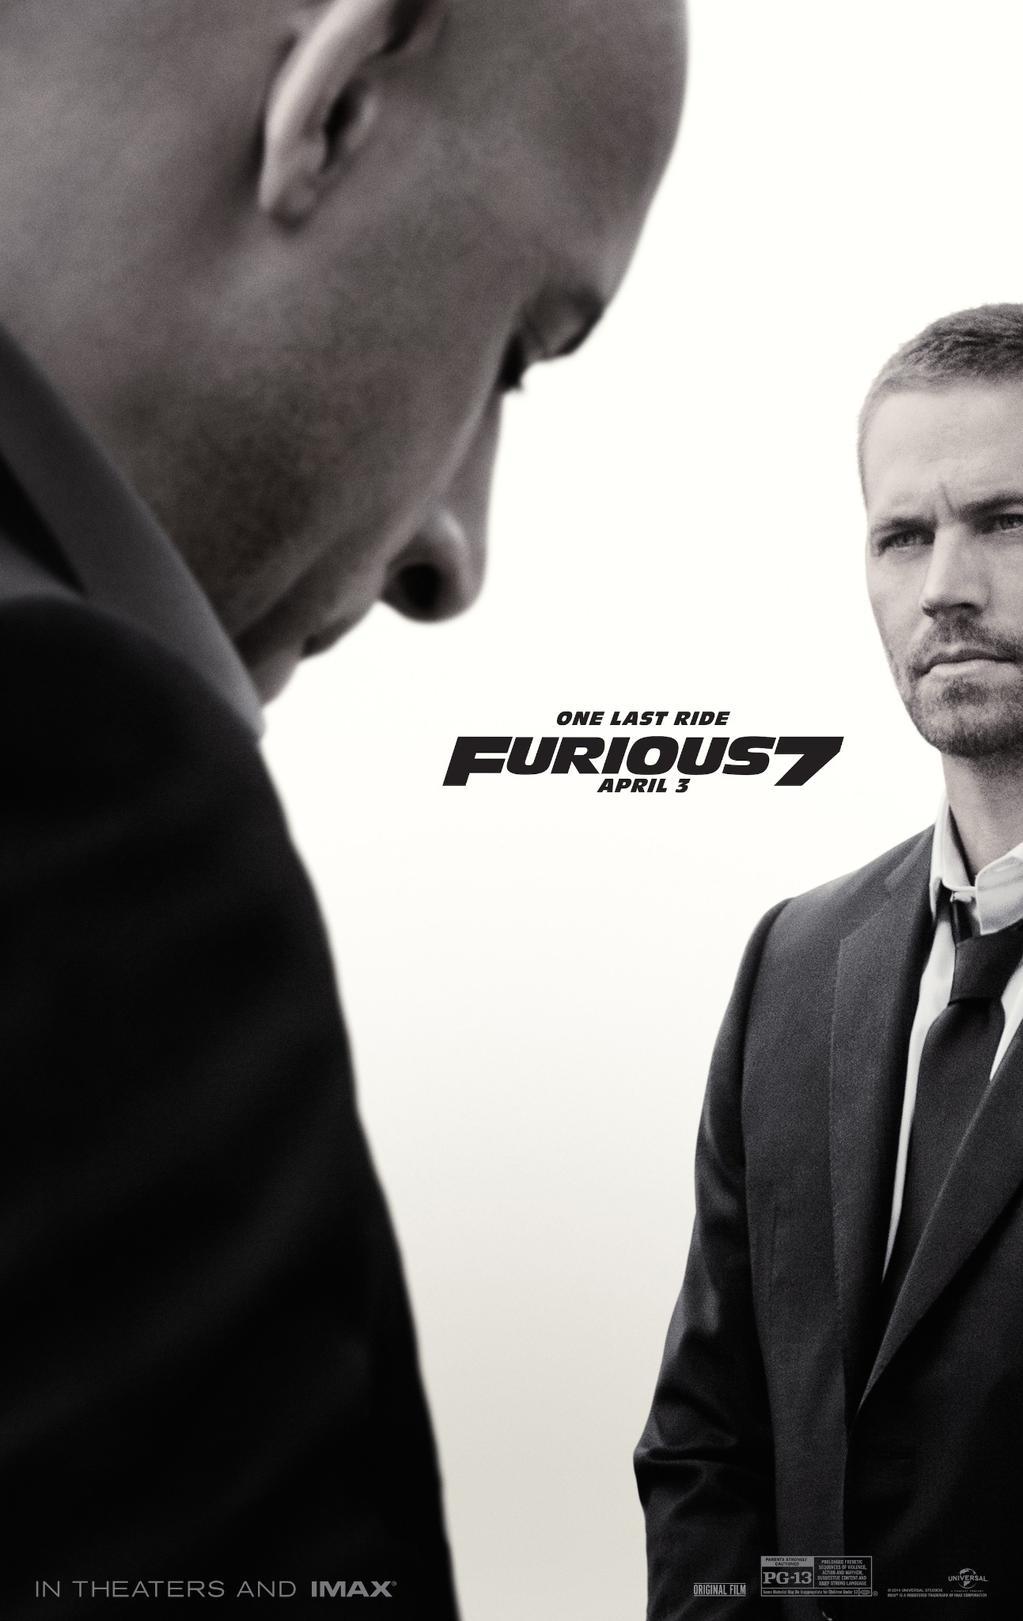 Furious-7-Poster-US-02